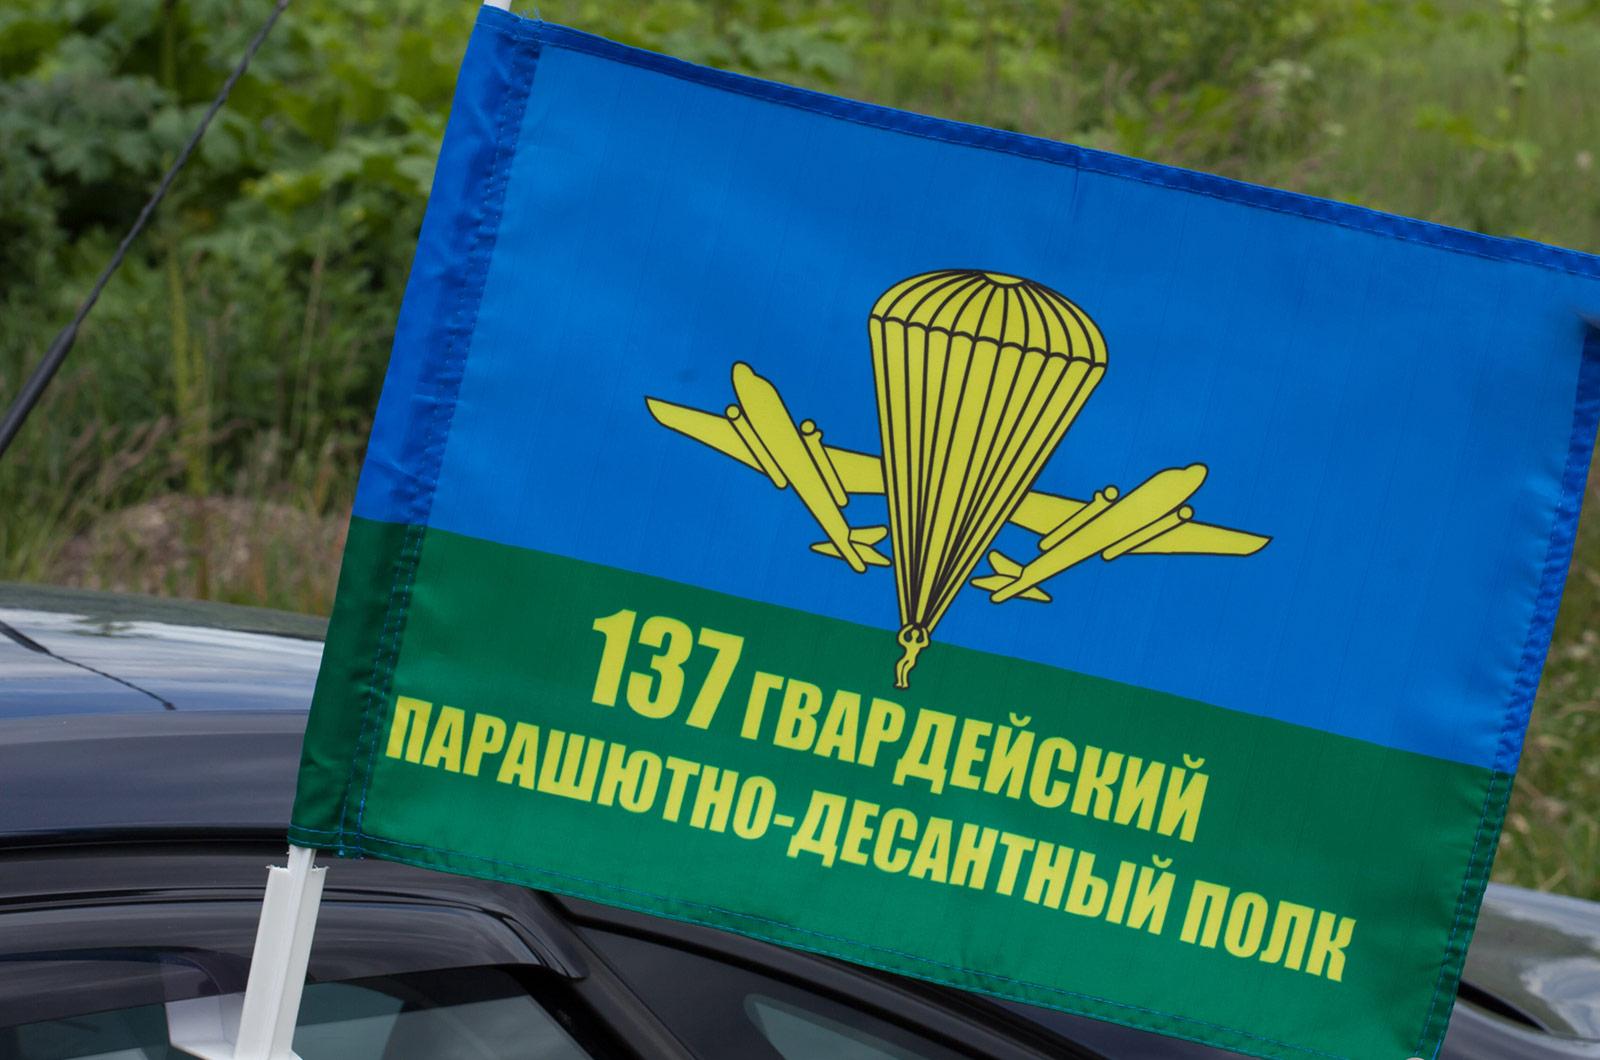 Флаг на машину с кронштейном ВДВ 137 Гвардейский парашютно-десантный полк